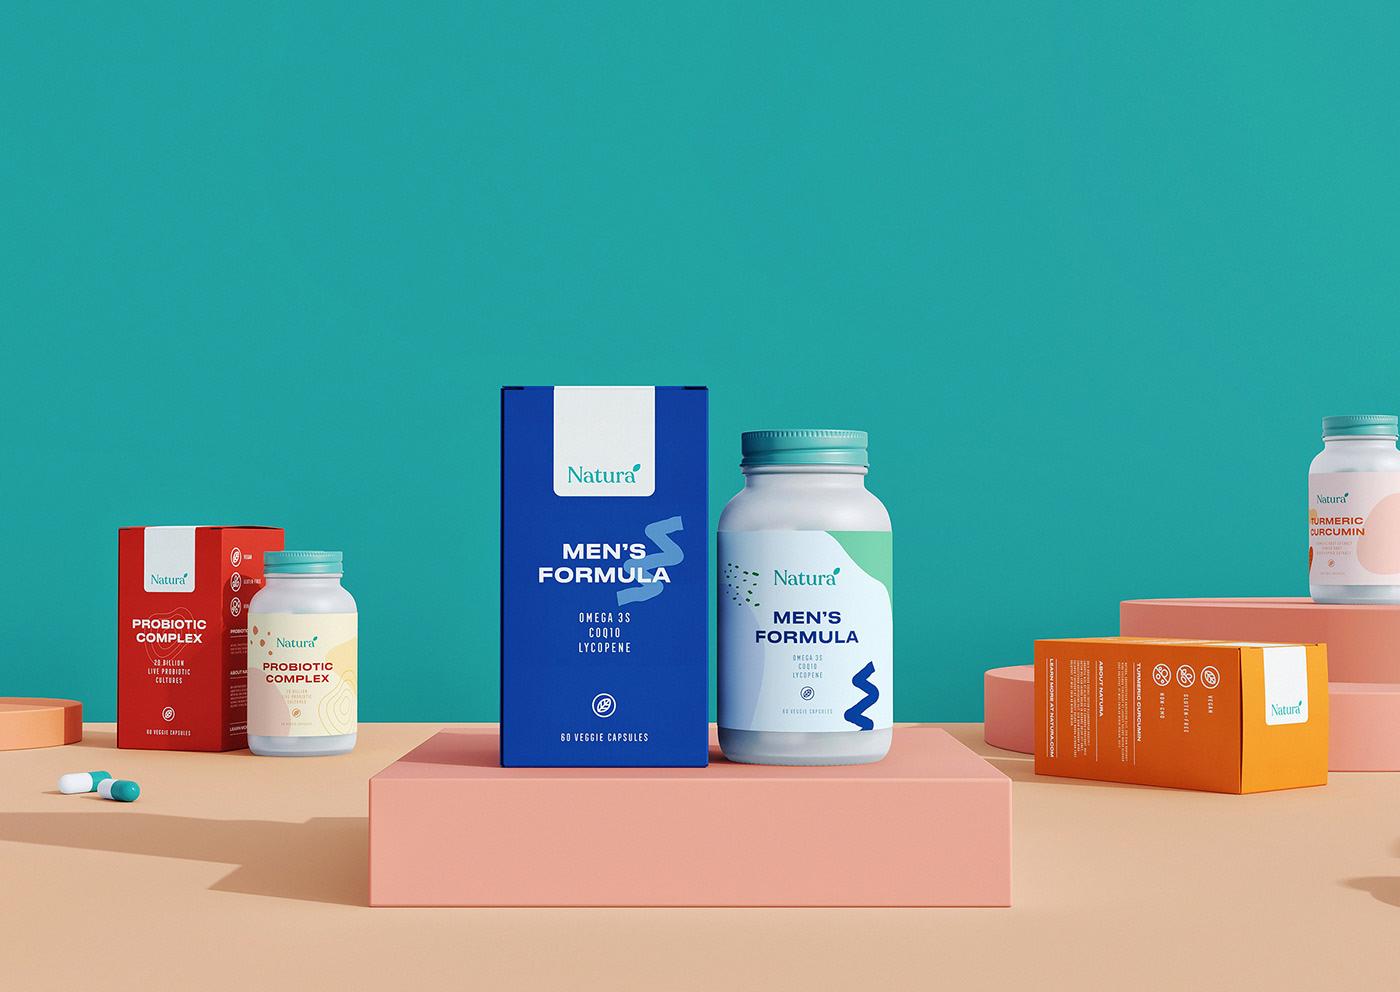 Natura - 保健品品牌&包装设计(如何元素提炼及色彩定位)